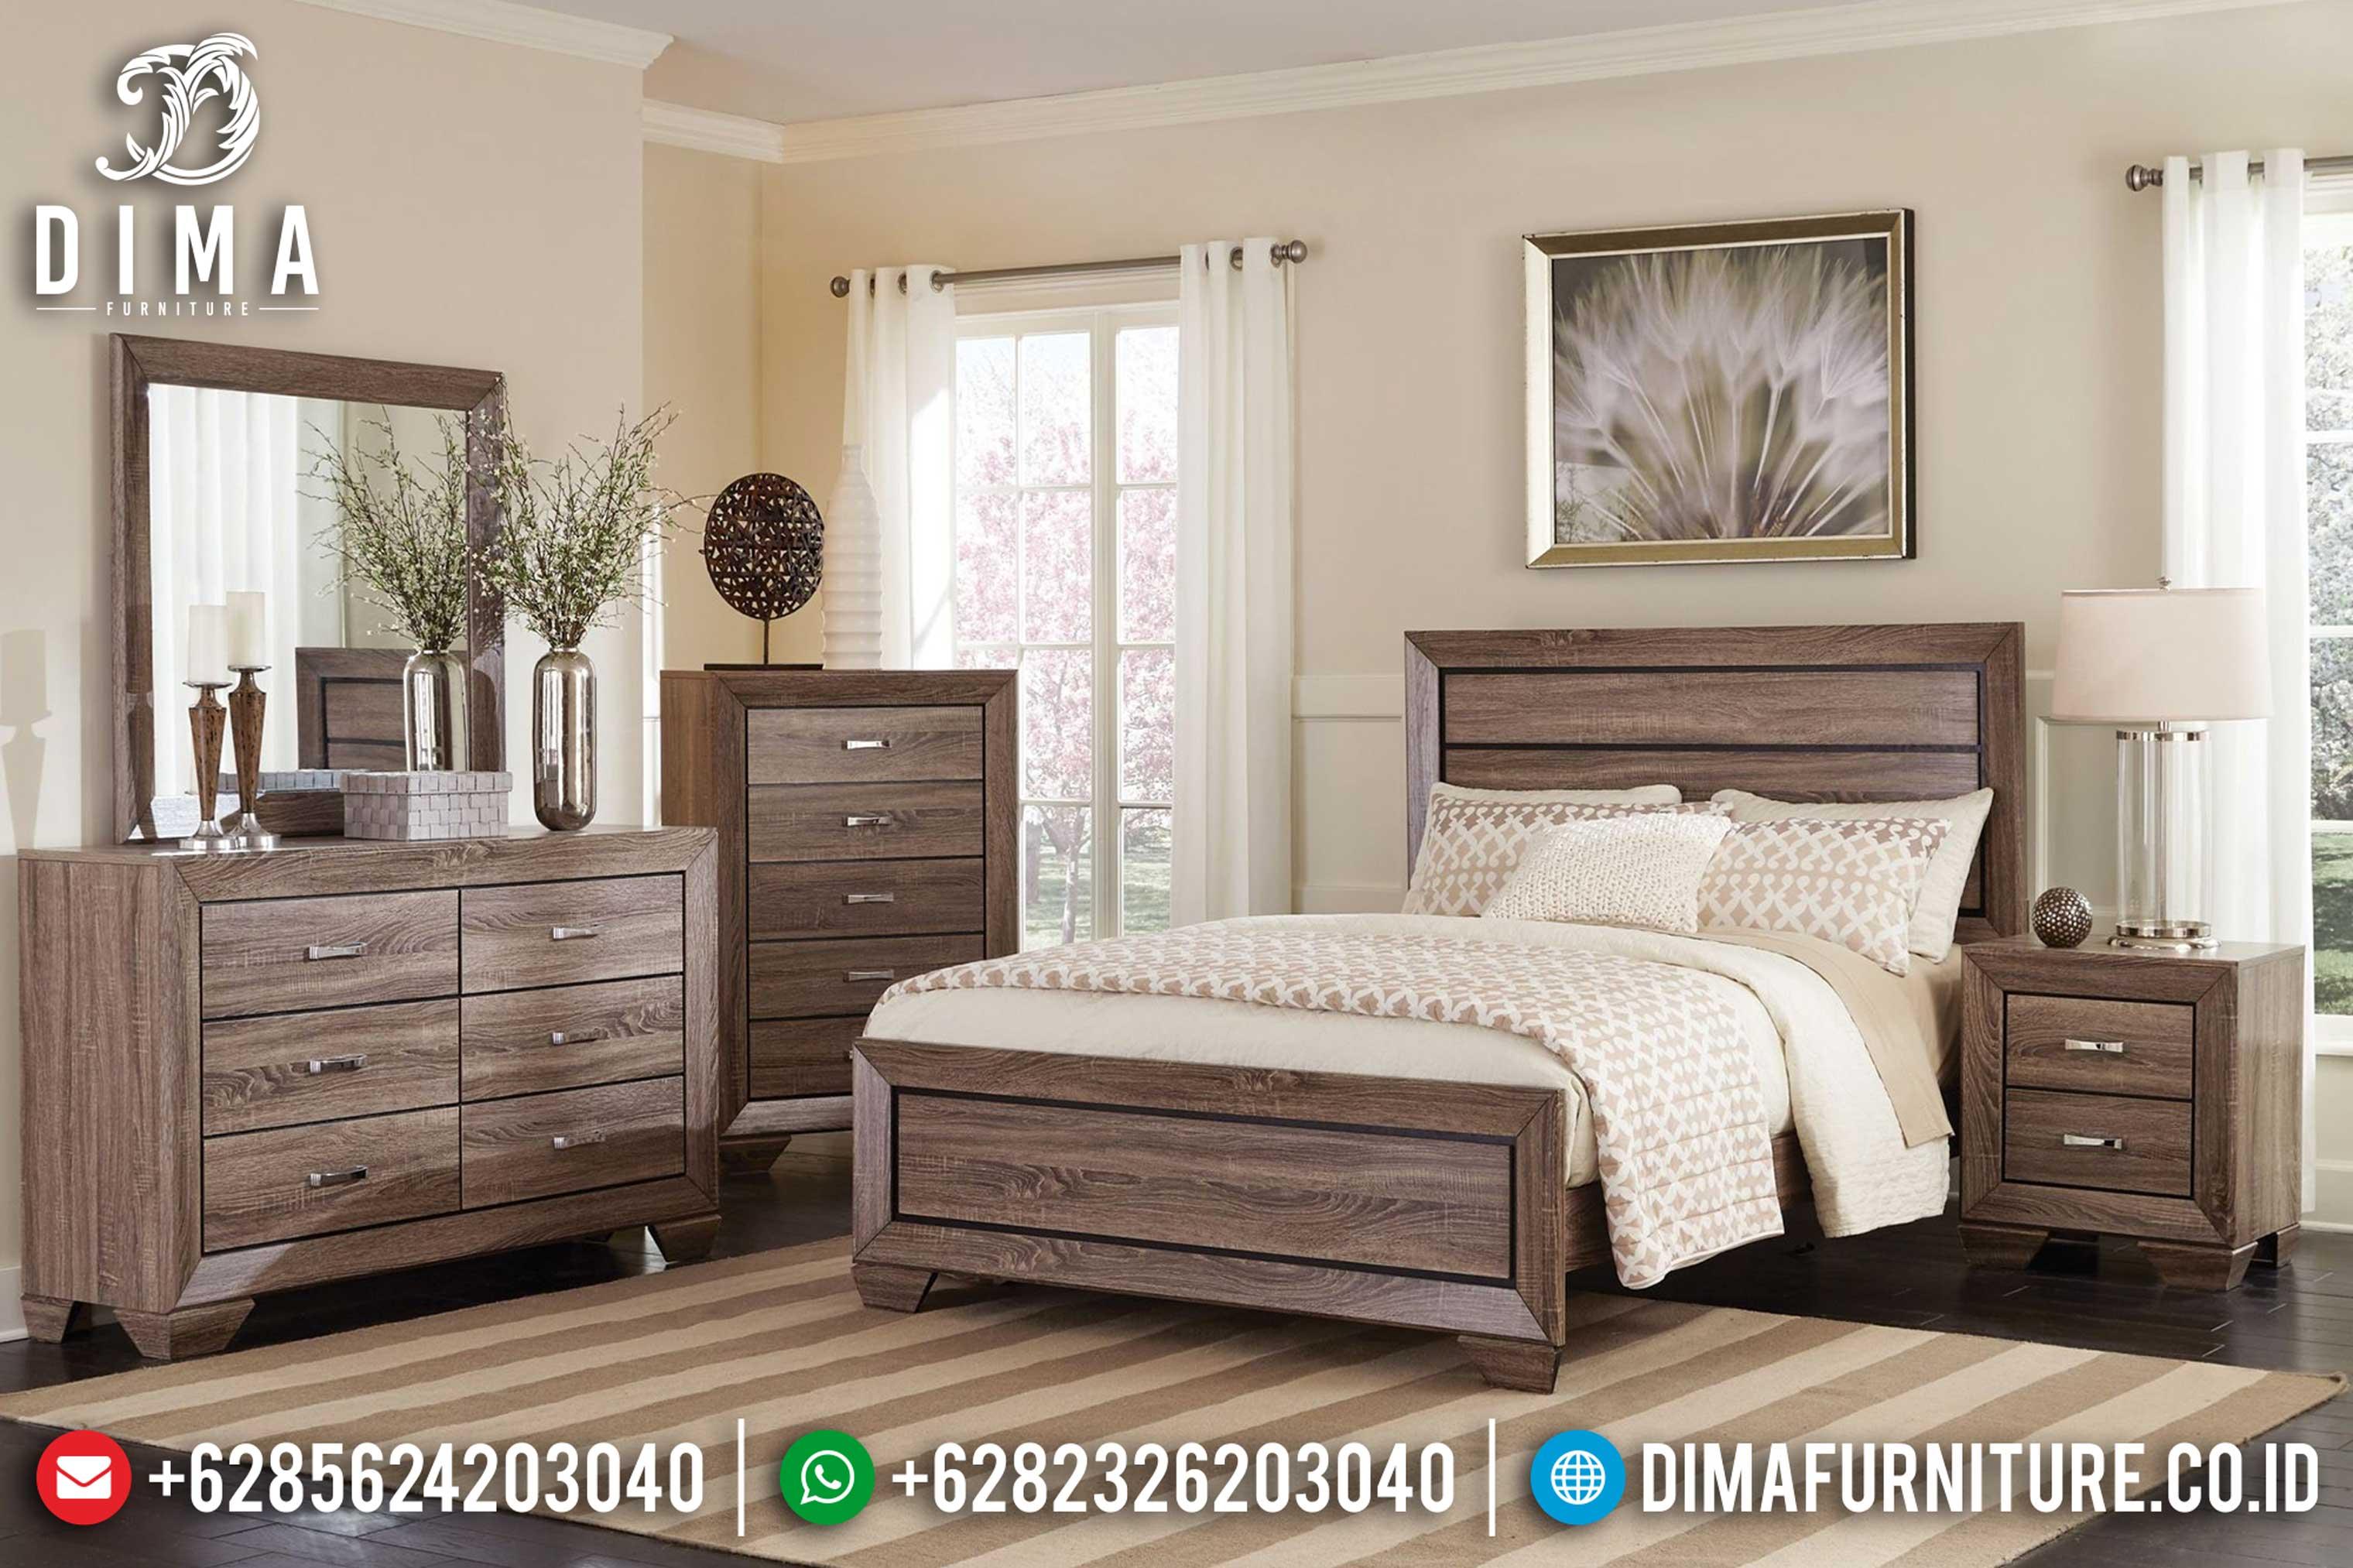 20+ Tempat Tidur Jepara Mewah Dan Minimalis Pilihan Tahun 2019 011 Dima Furniture Jepara